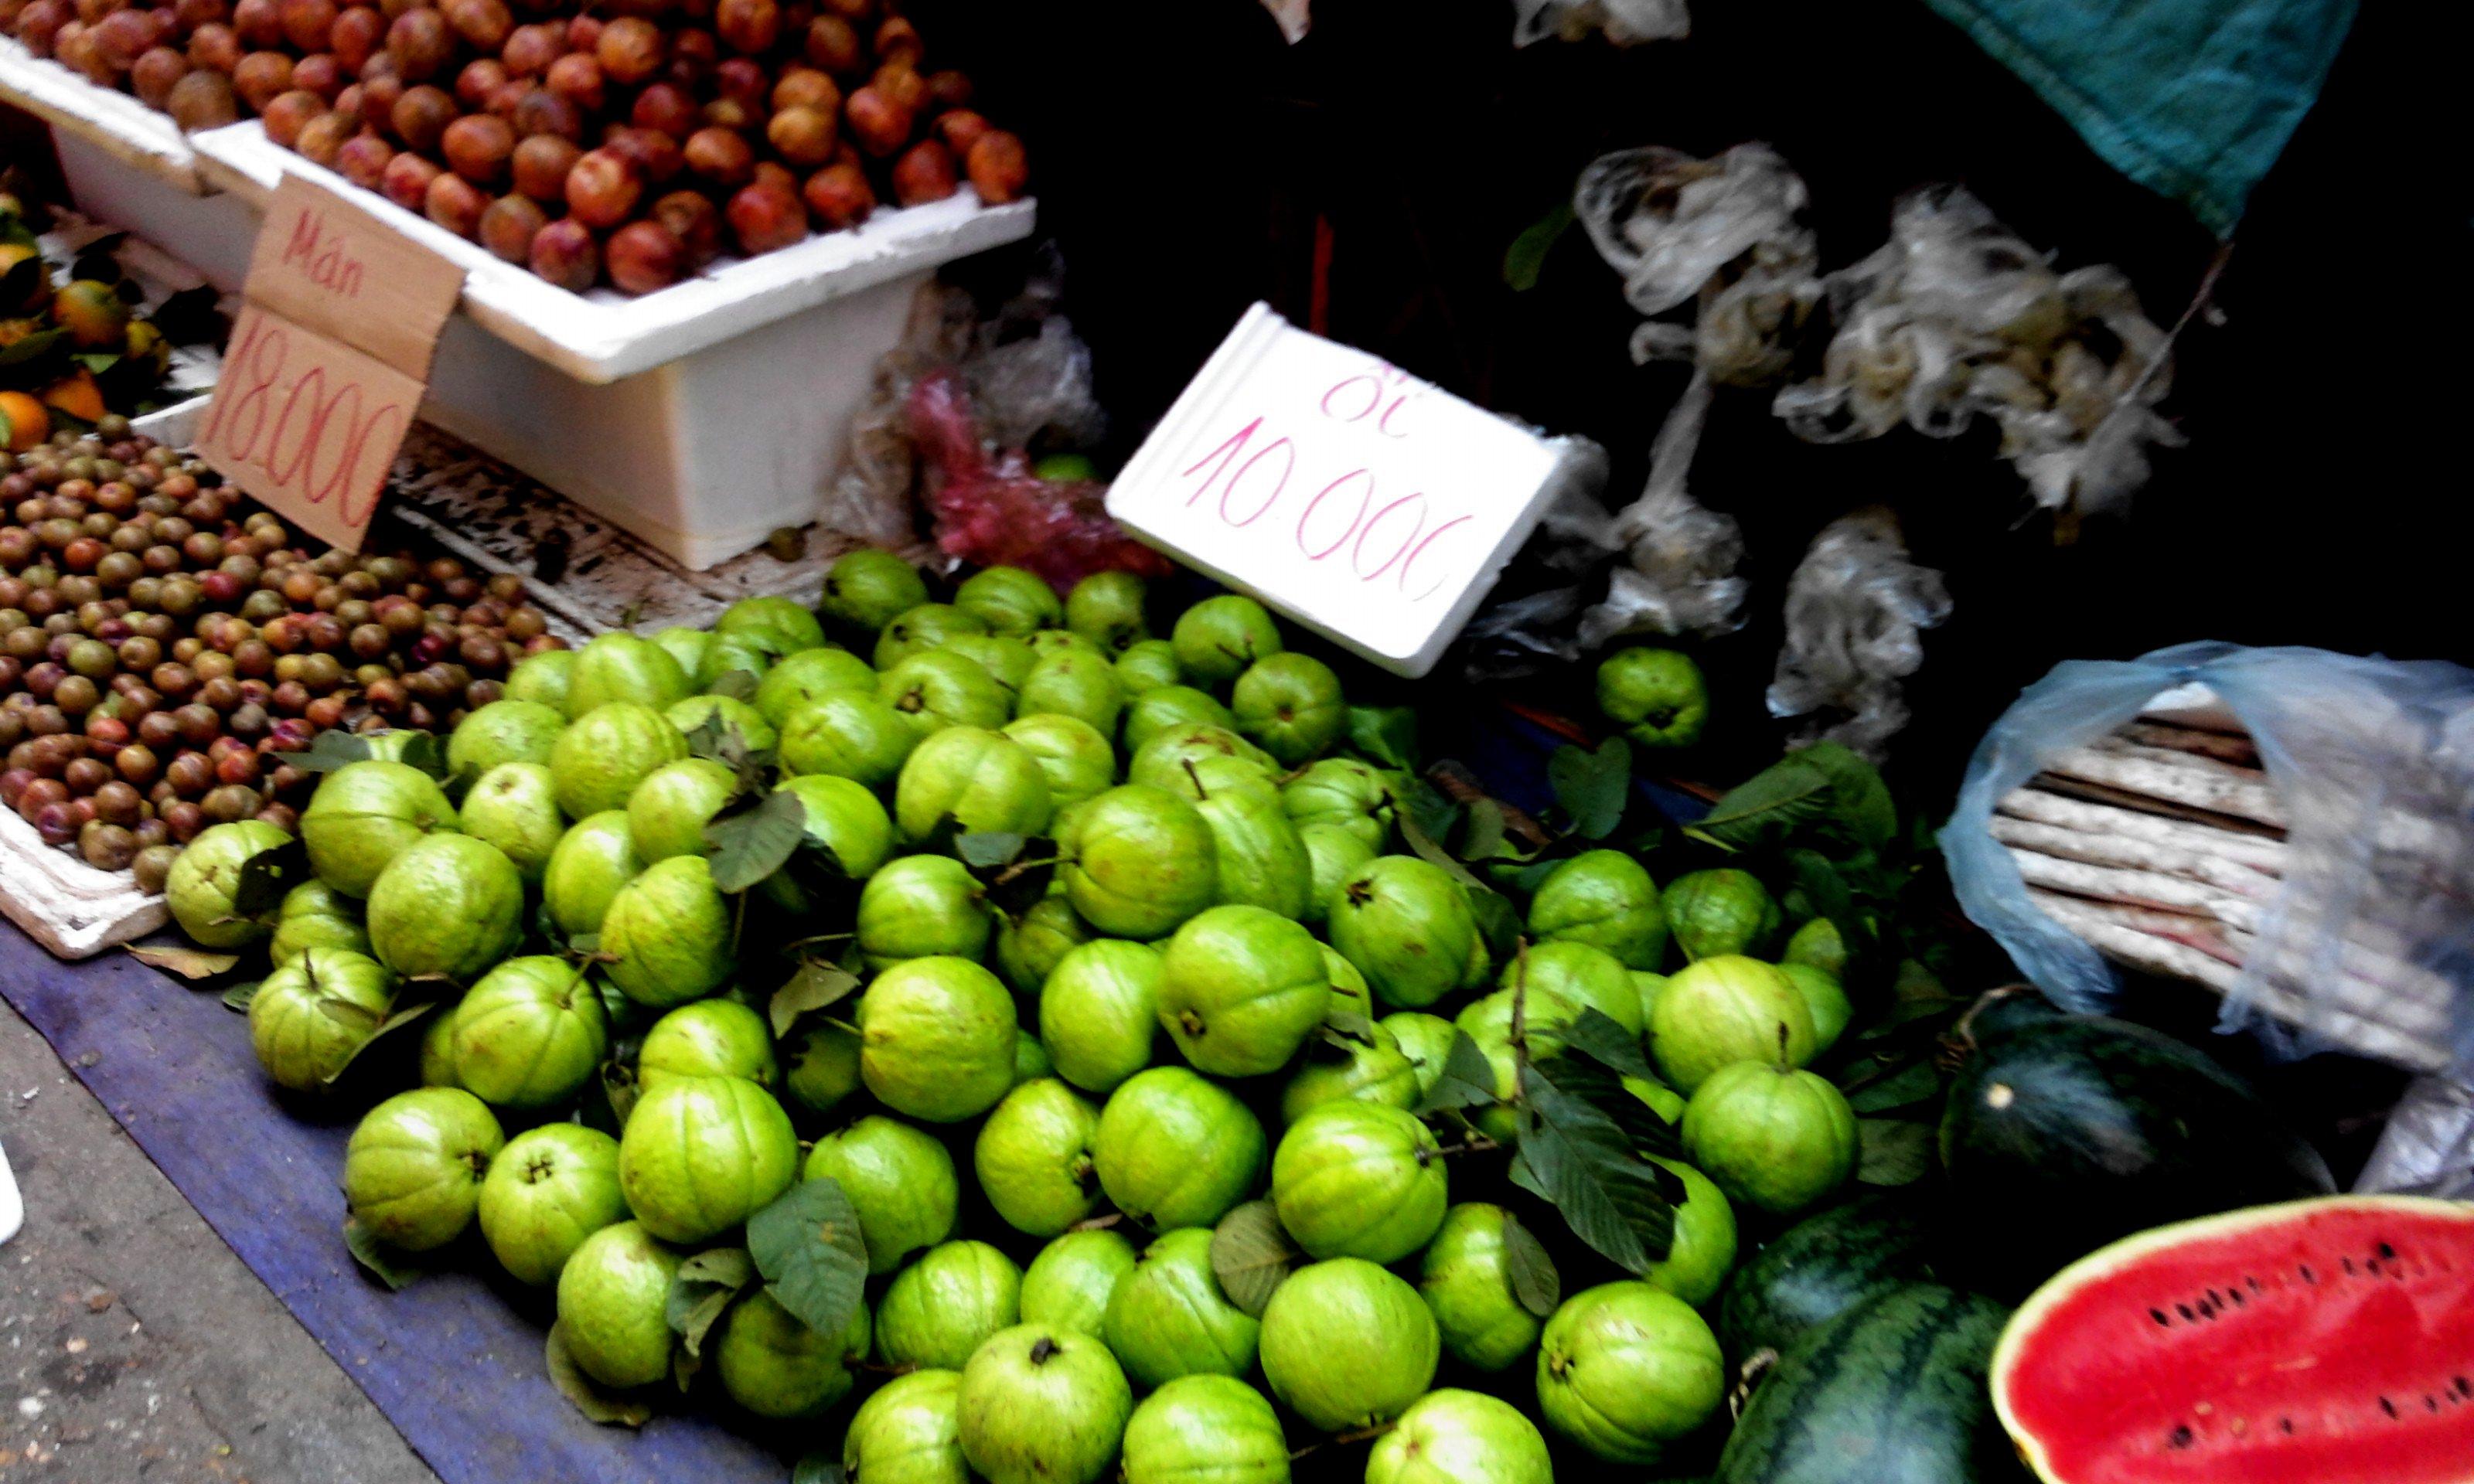 Nguy hại khôn lường từ hoa quả đầu mùa giá rẻ 1